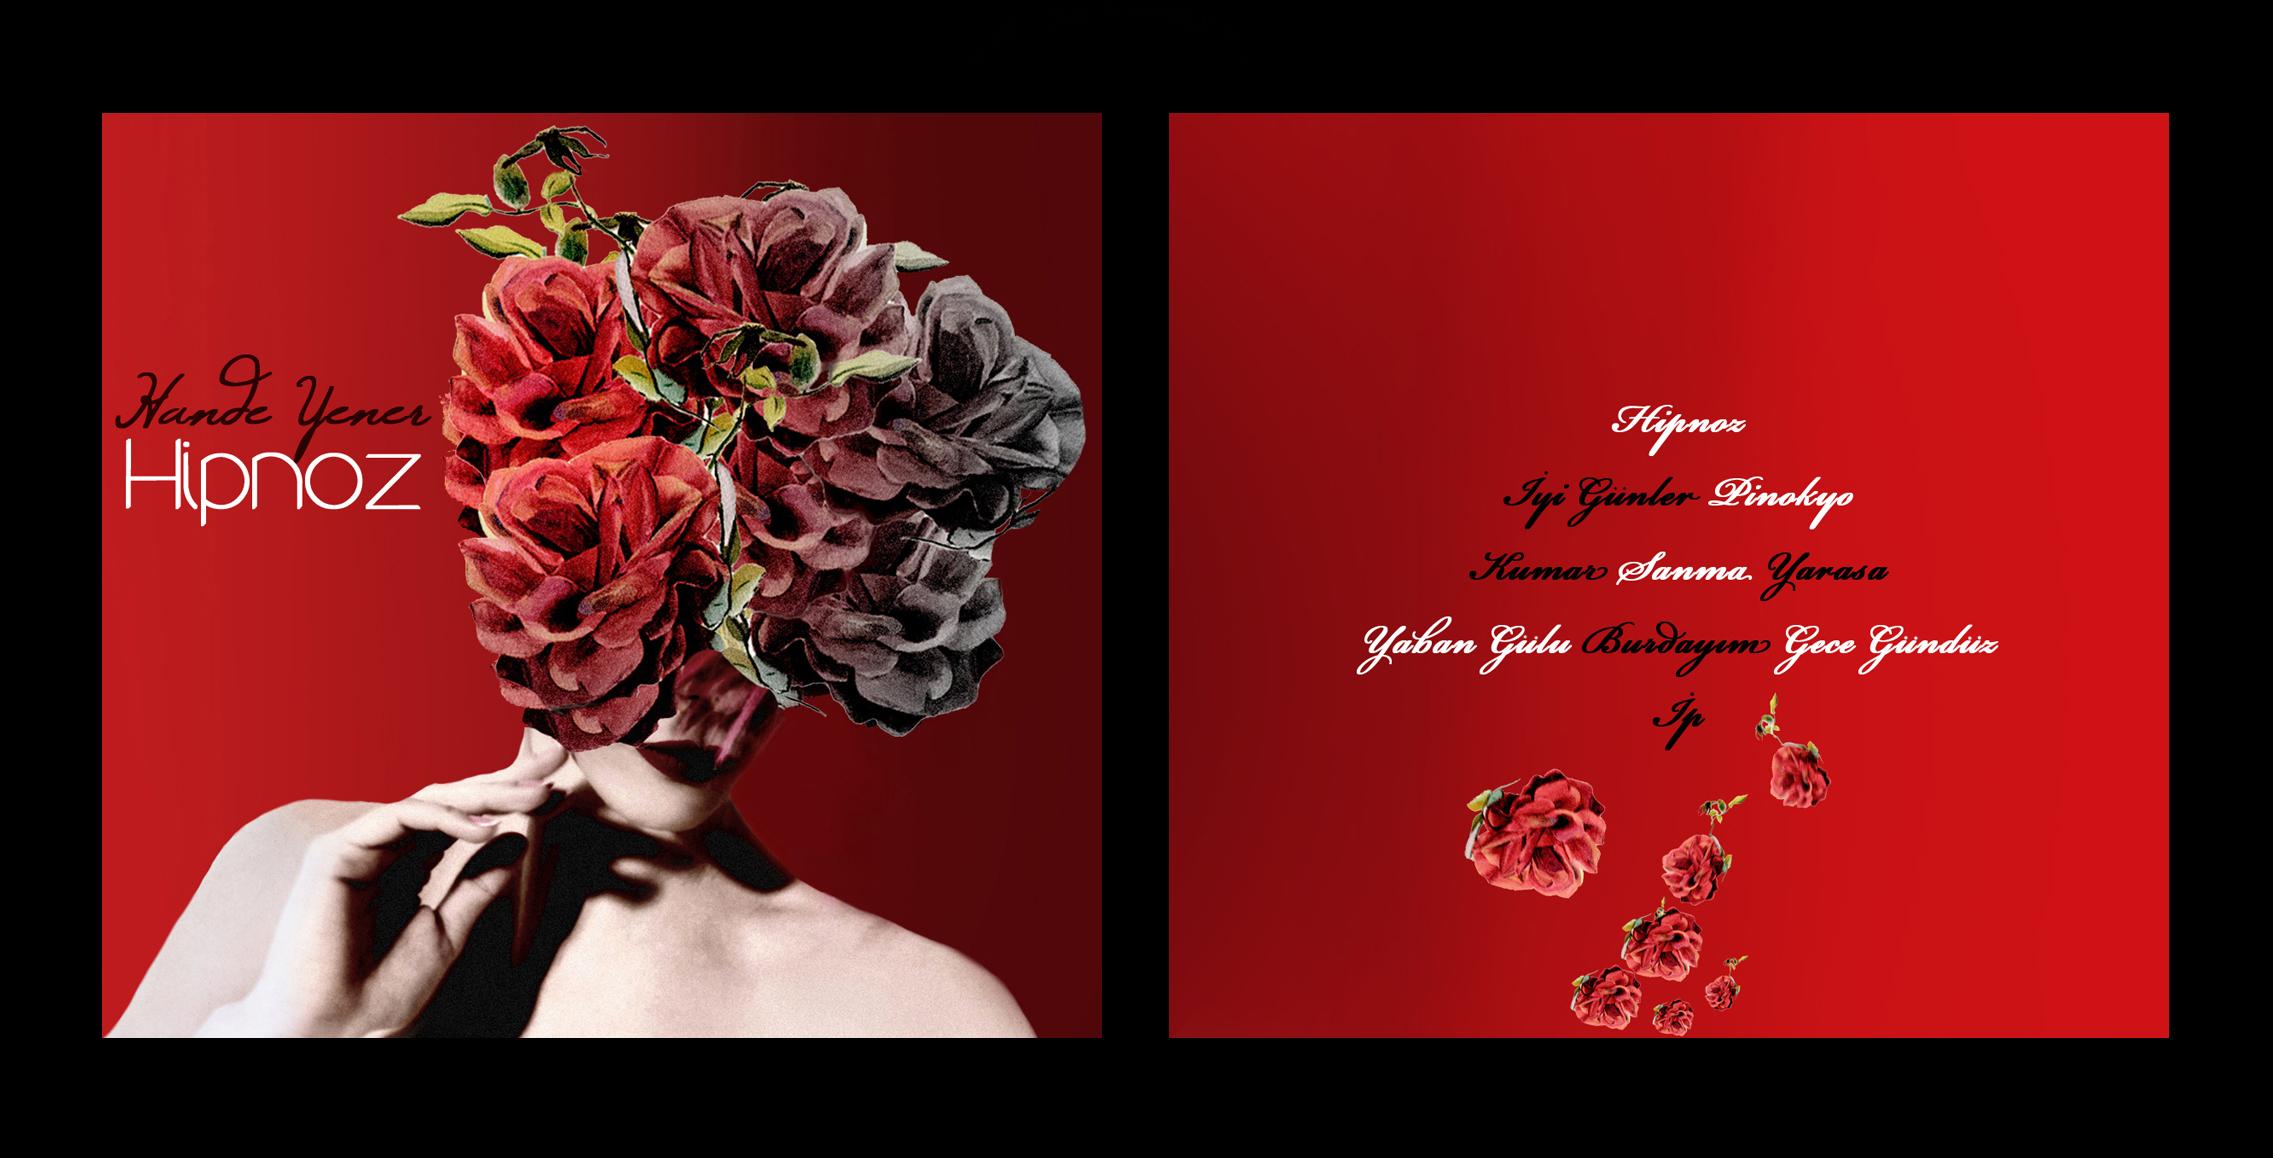 Hande Yener Hipnoz Albüm Kapağı